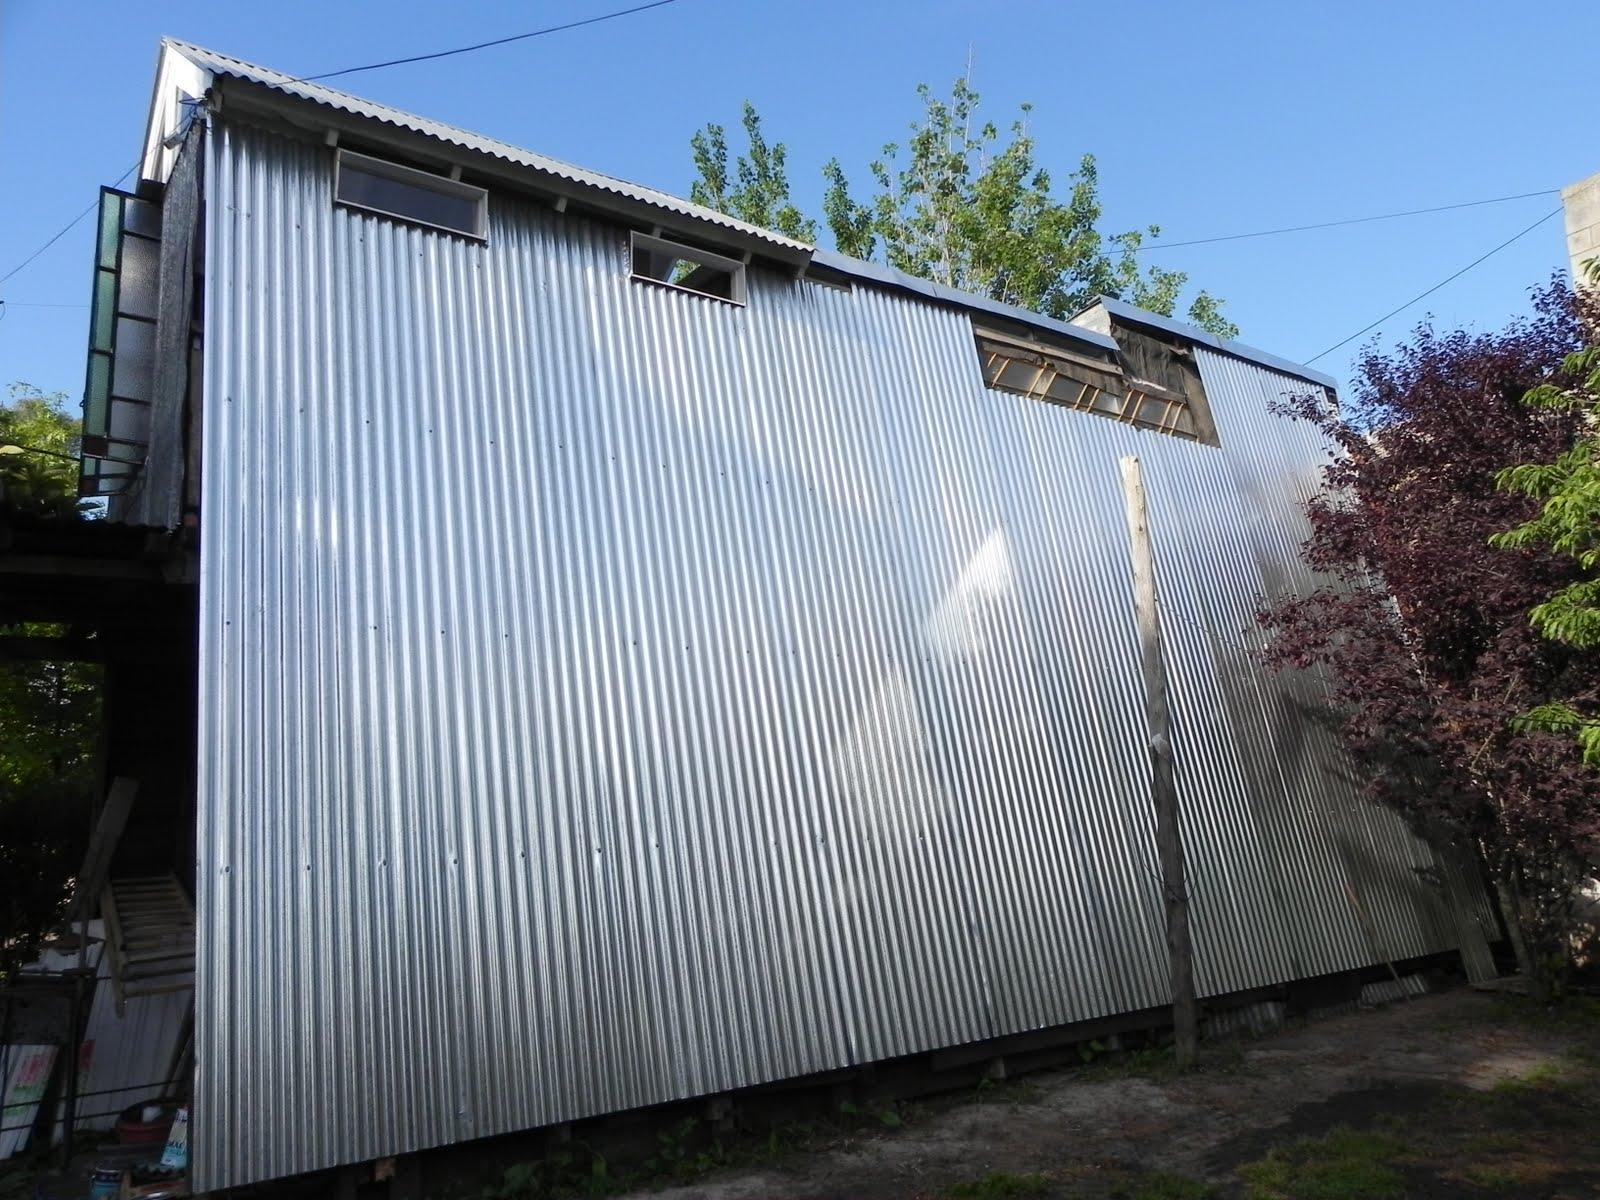 Casita noviembre 2010 for Revestimiento exterior zinc